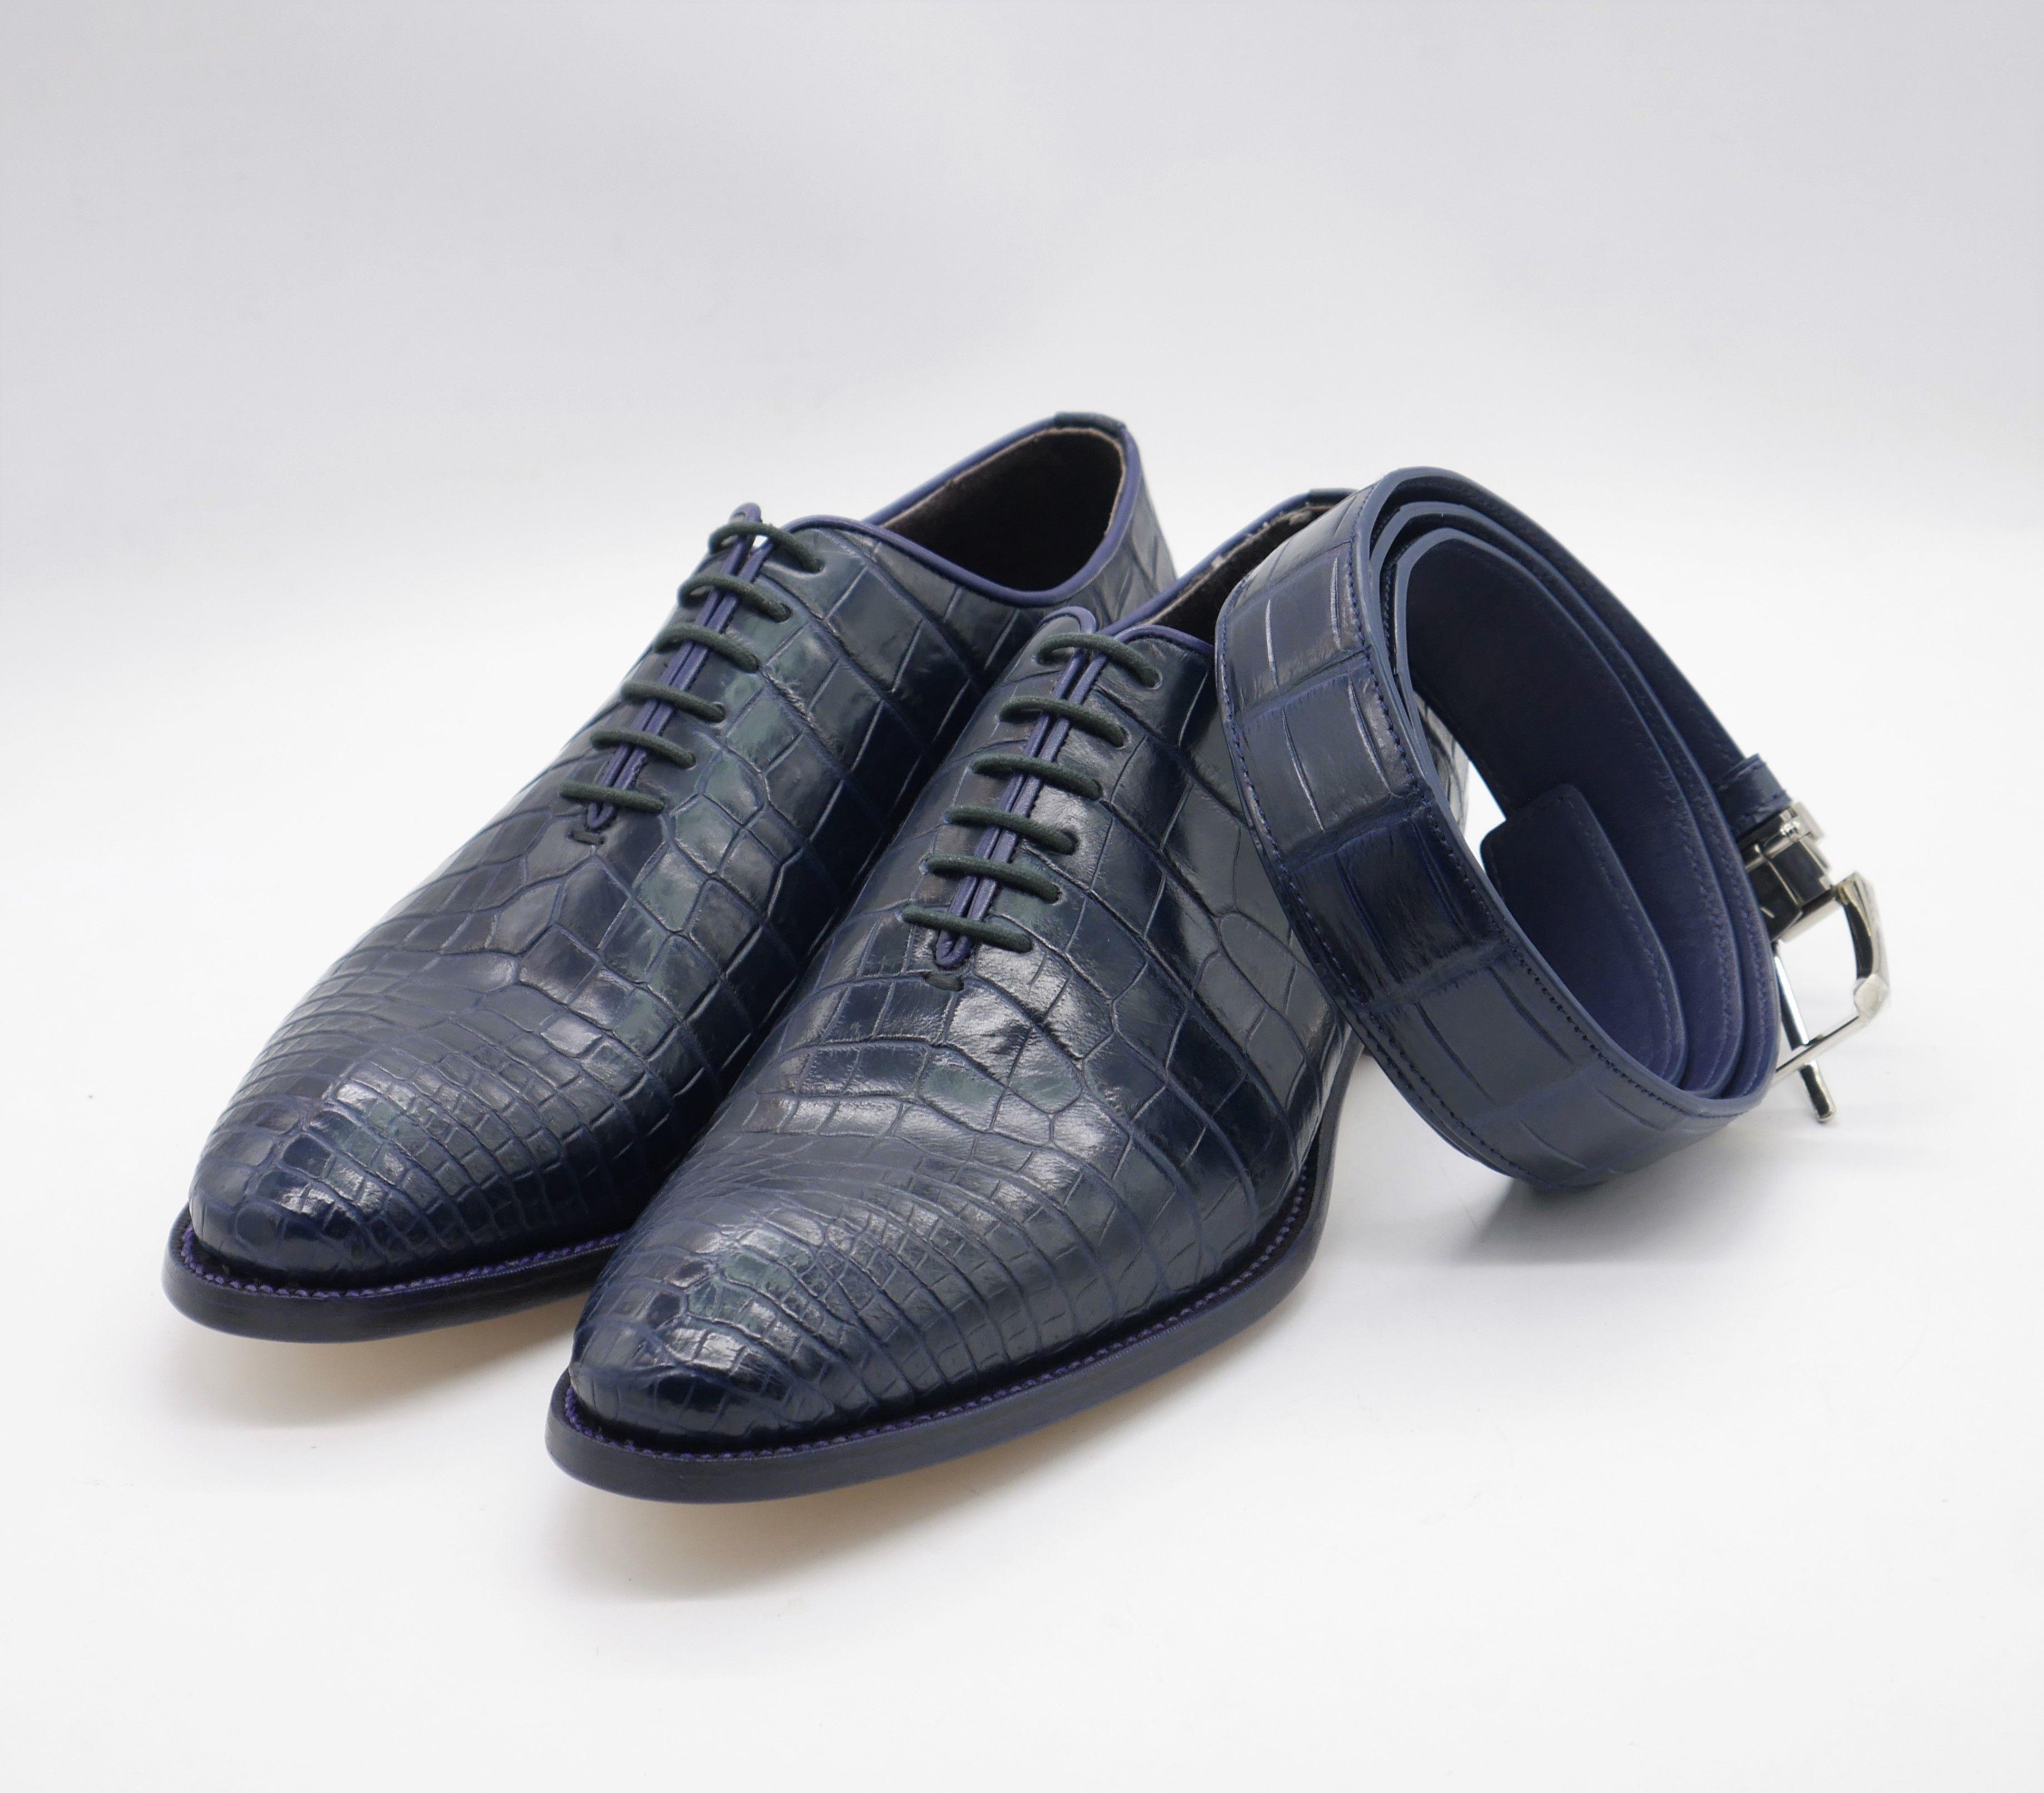 pas mal b8525 1b428 Chaussures de crocodile de haute qualité choisies et ...